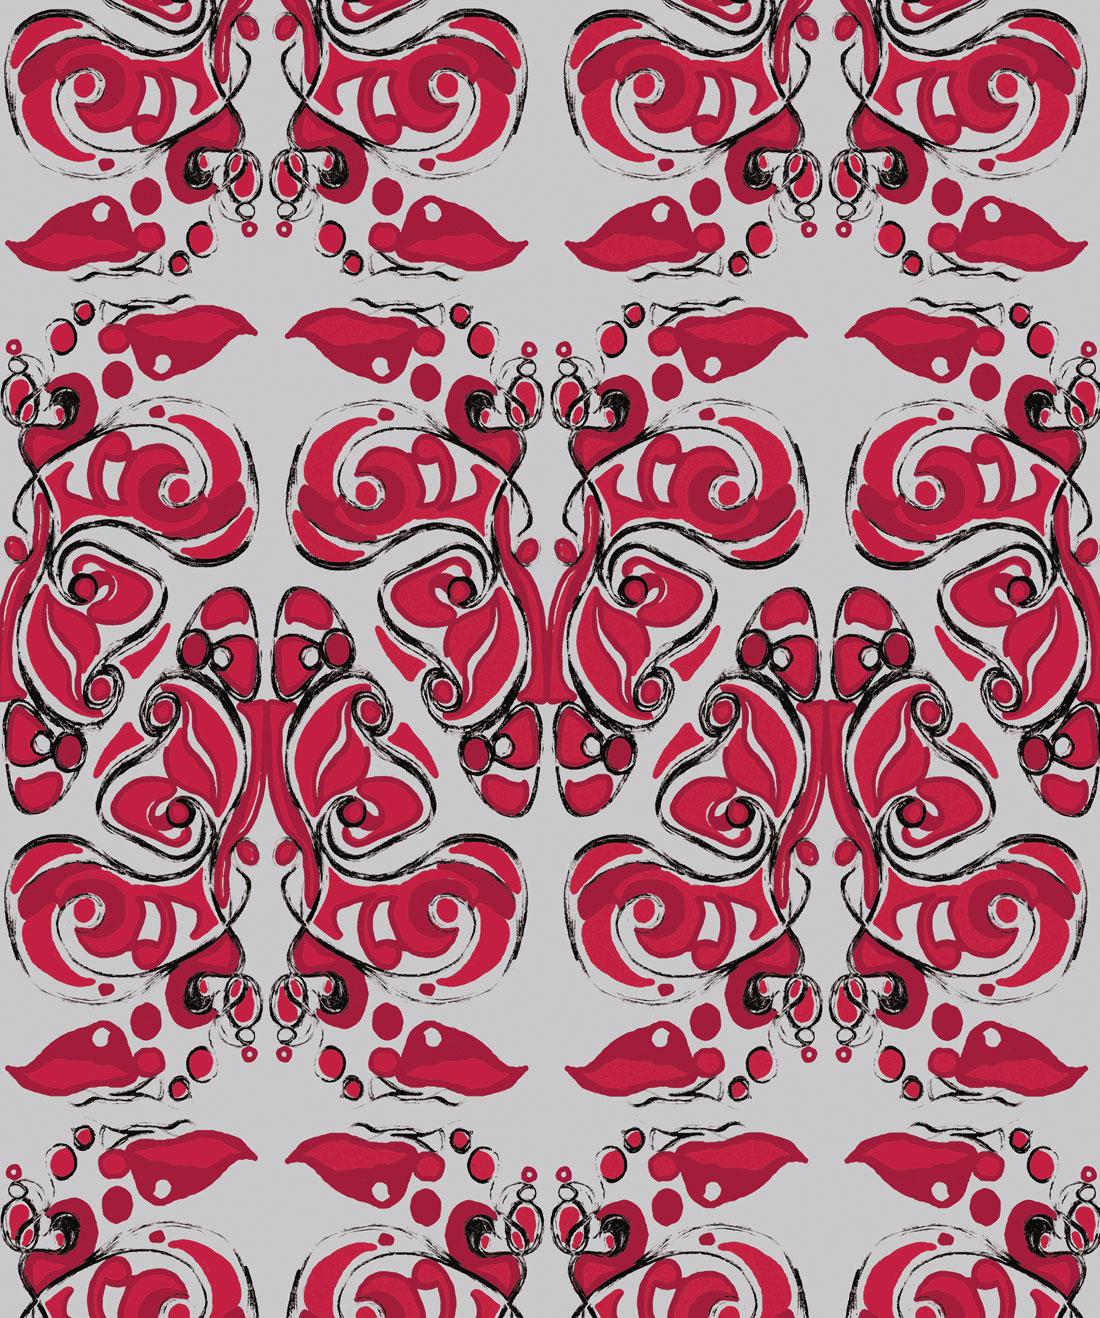 Bohemian Wrap Wallpaper